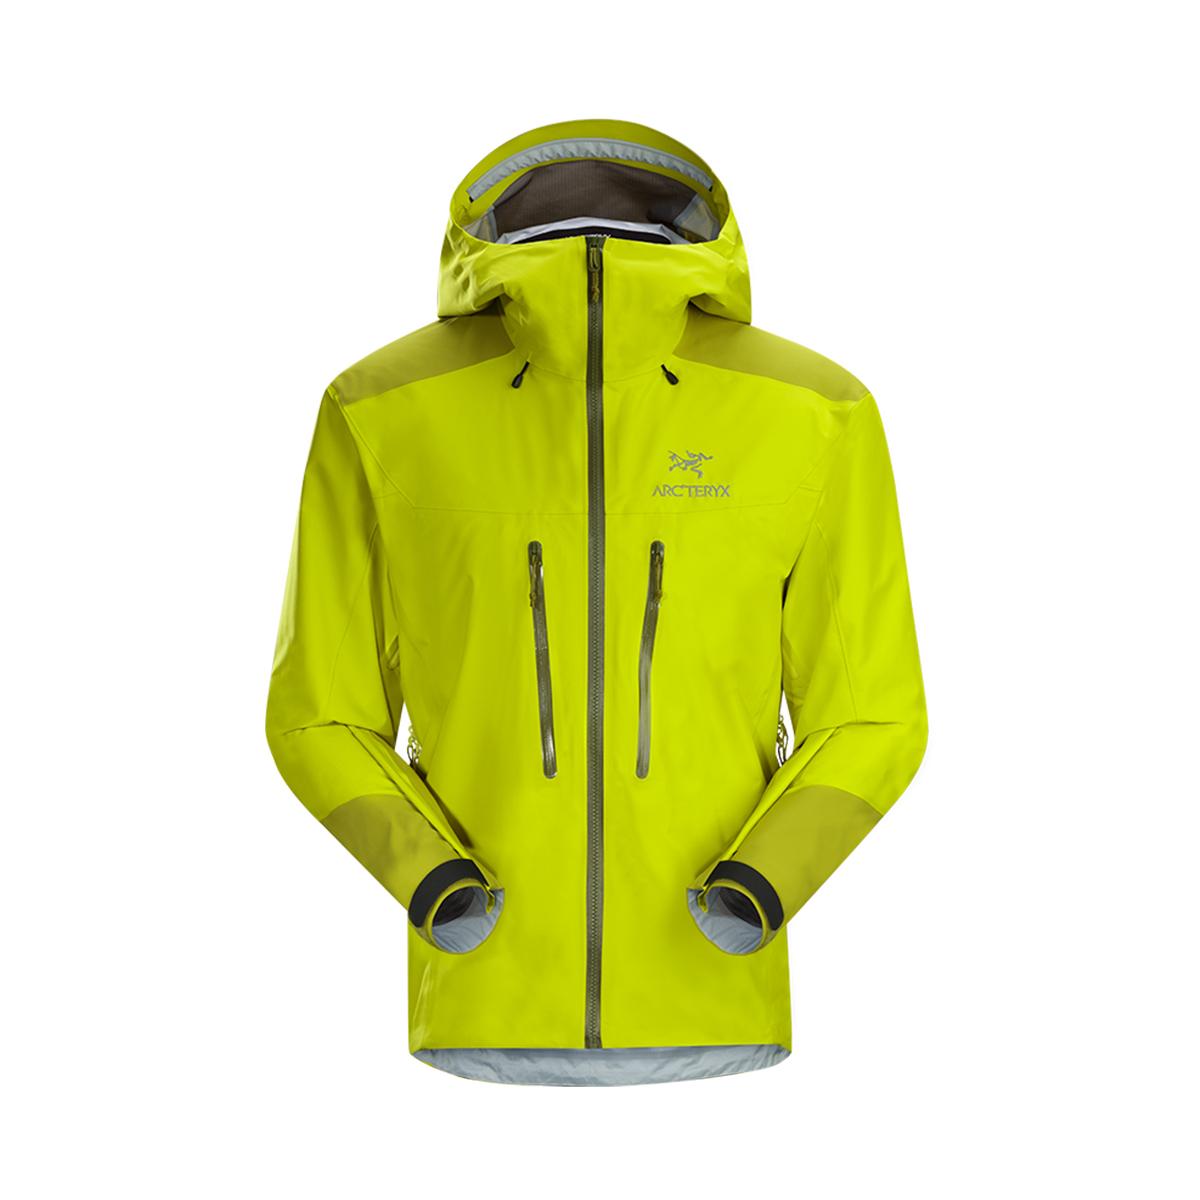 e15d86a32b2 Arc'teryx Alpha AR Jacket Men | Technical Jackets | EpicTV Shop